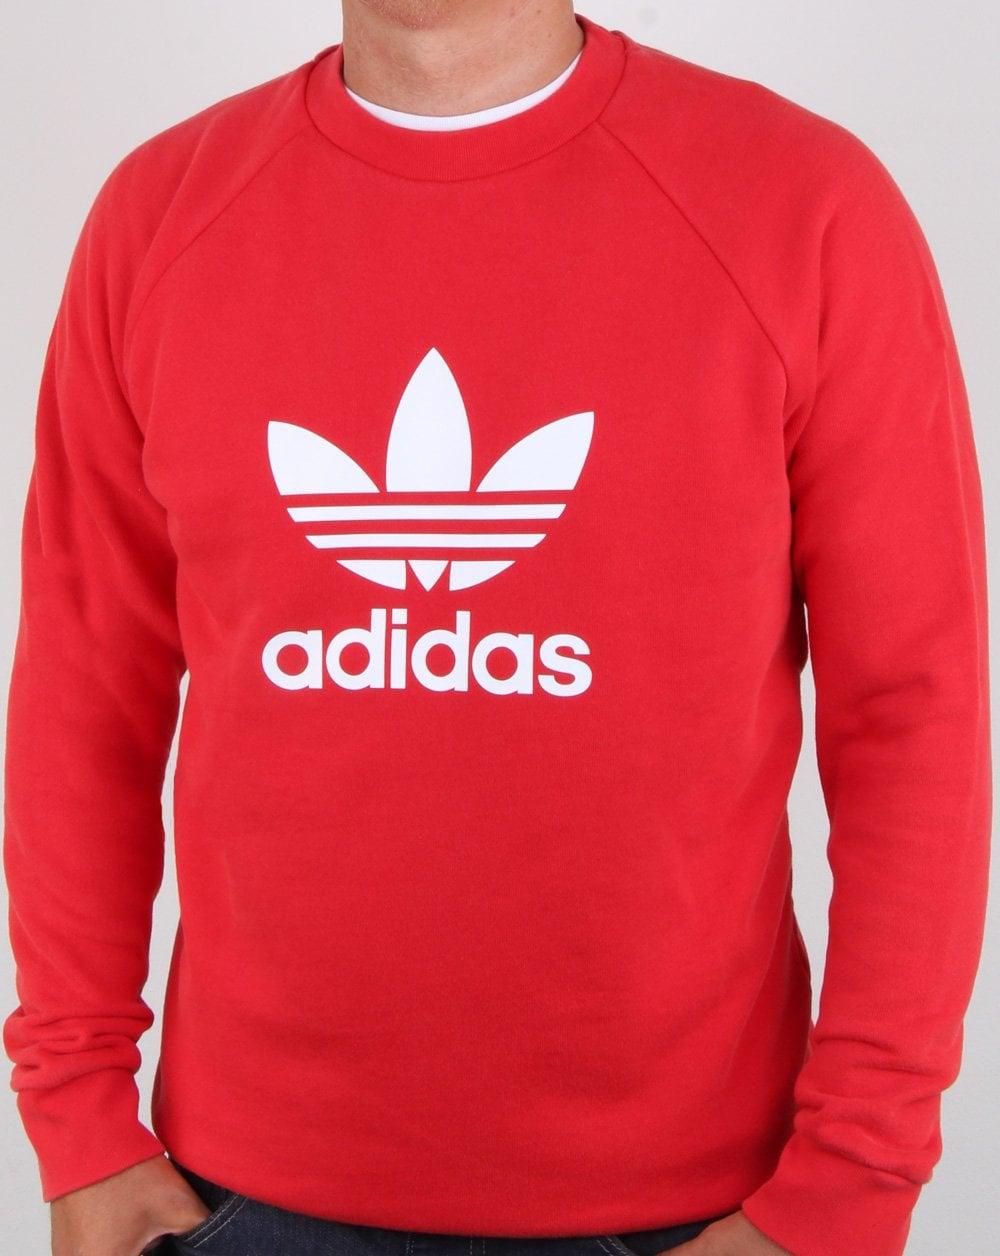 adidas Originals Adidas Originals Trefoil Crew Sweat Collegiate Red 86dd05f5b29